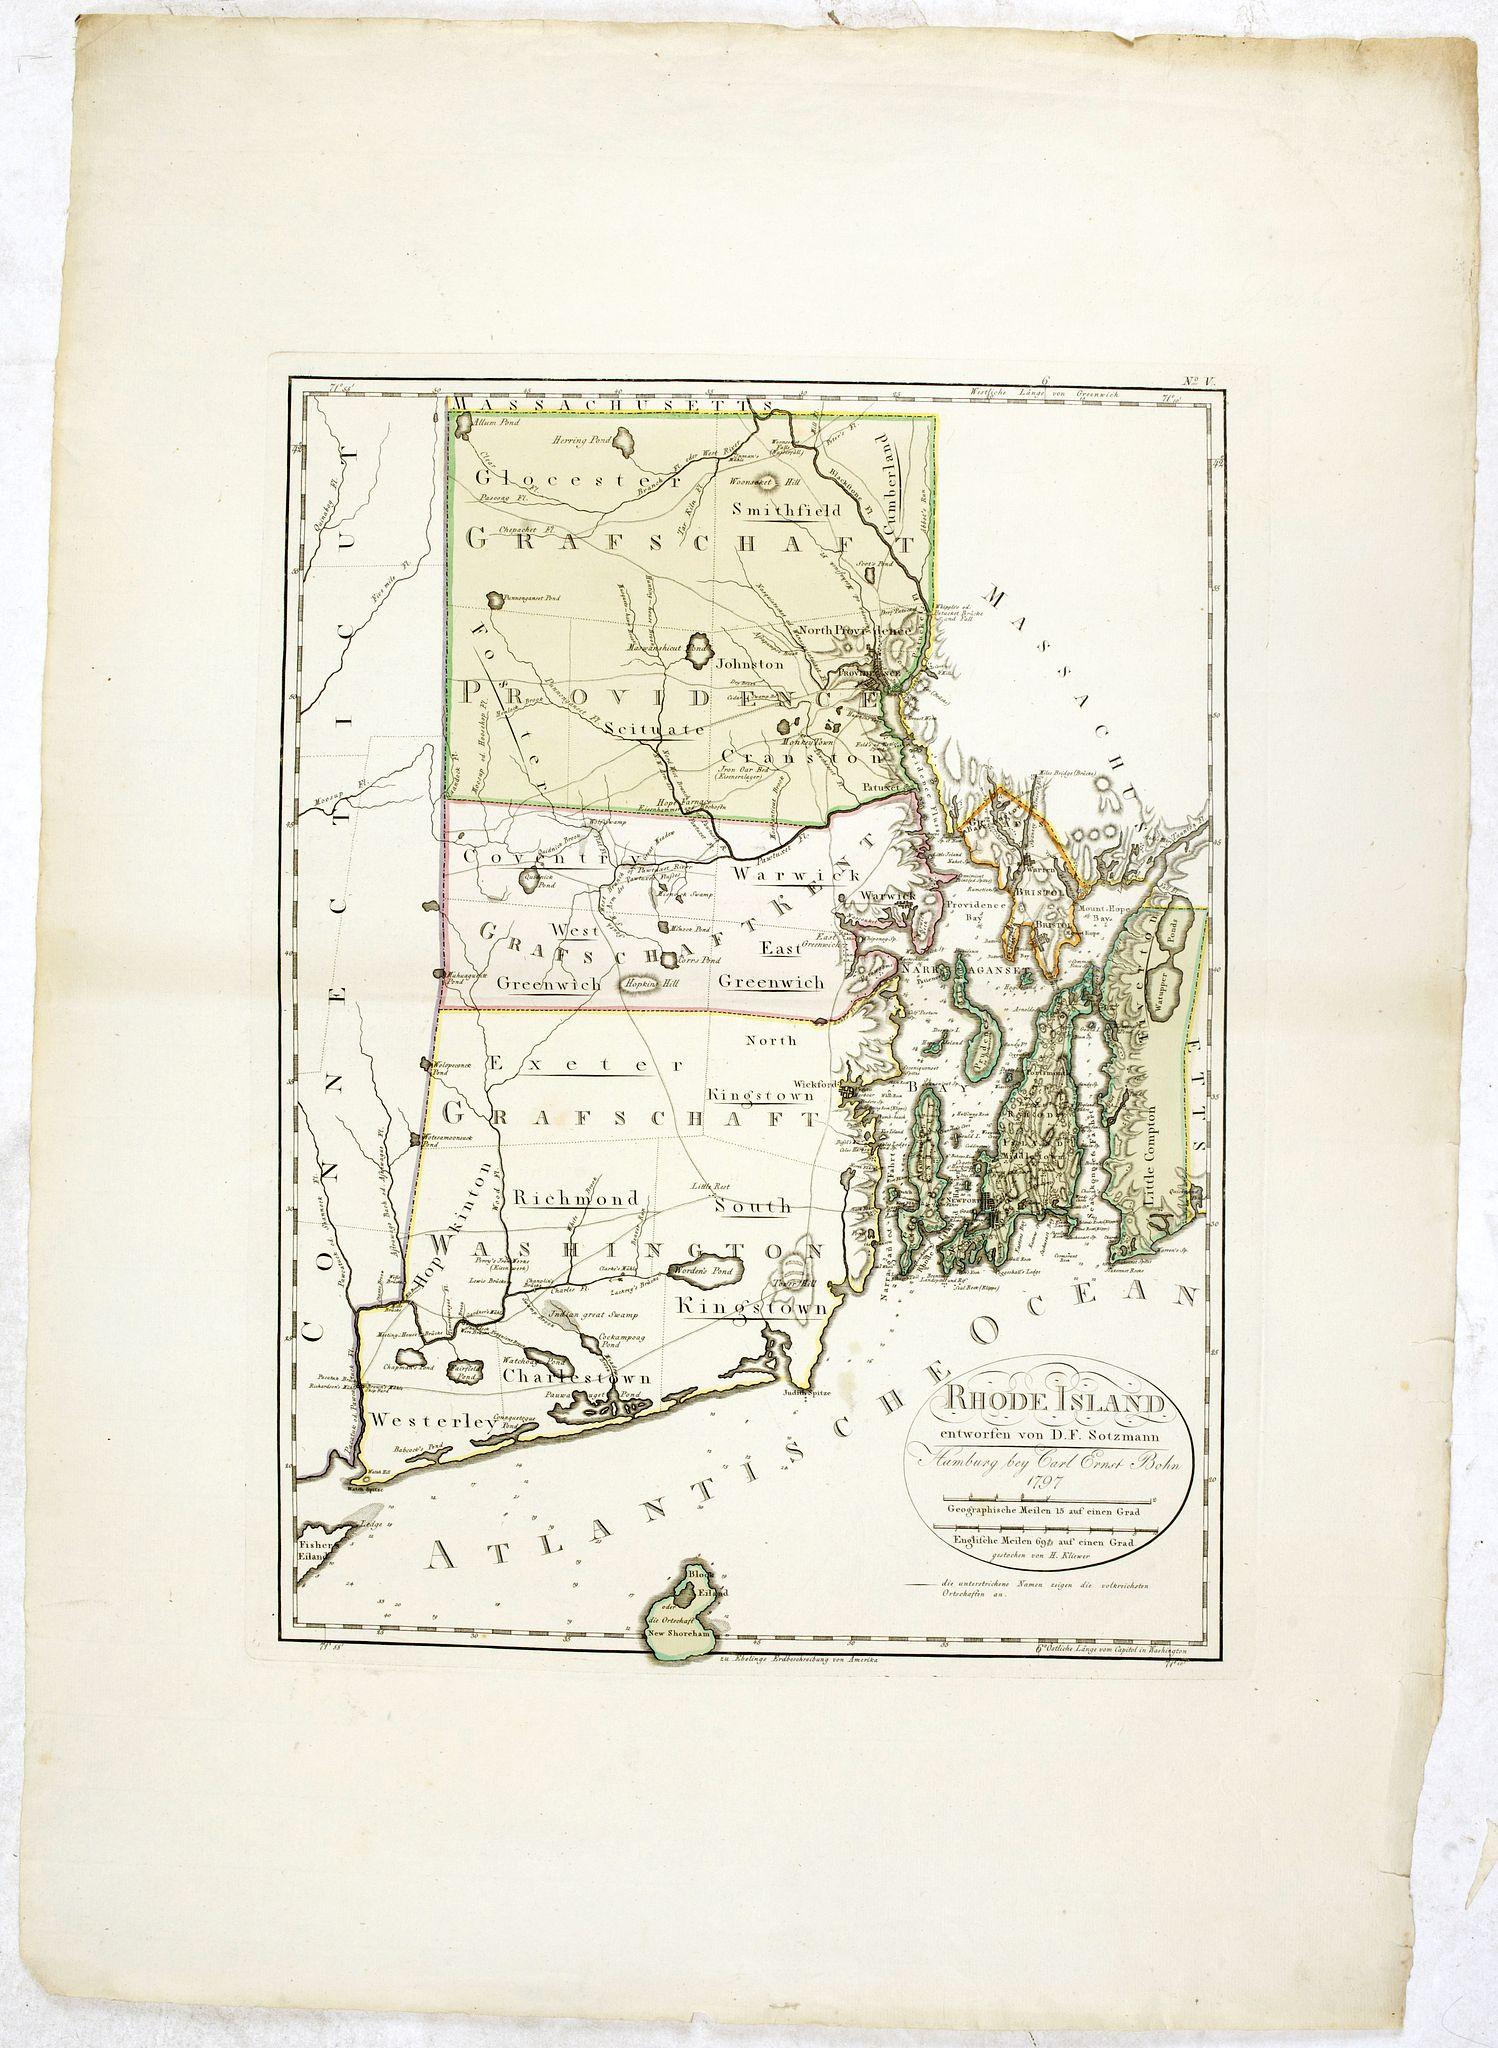 SOTZMANN, D.F. -  Rhode Island entworfen von D.F. Sotzmann. Hamburg bey Carl Ernst Bohn 1798 . . . NO.V